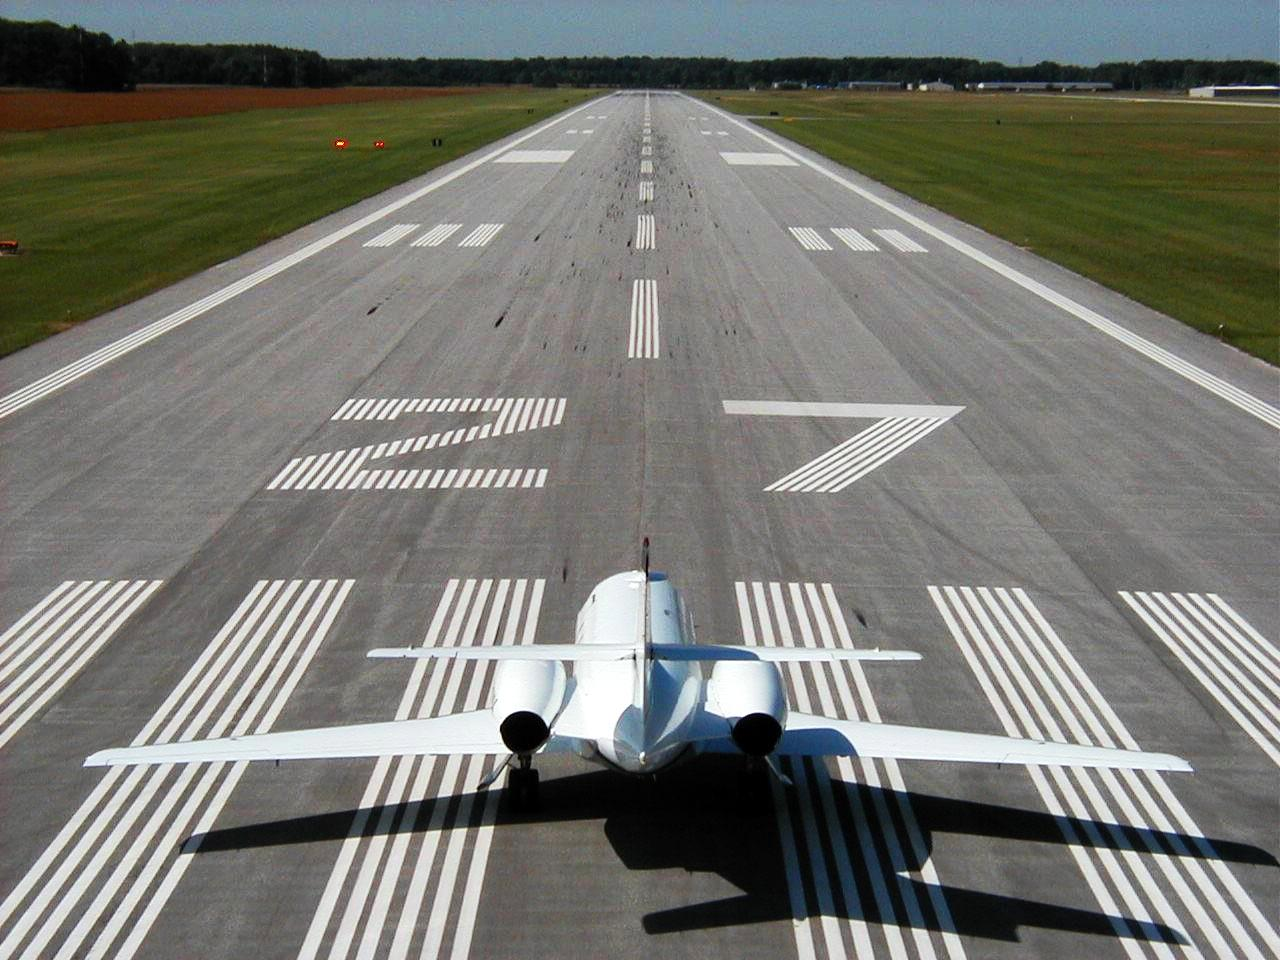 Hình ảnh máy bay trên đường băng